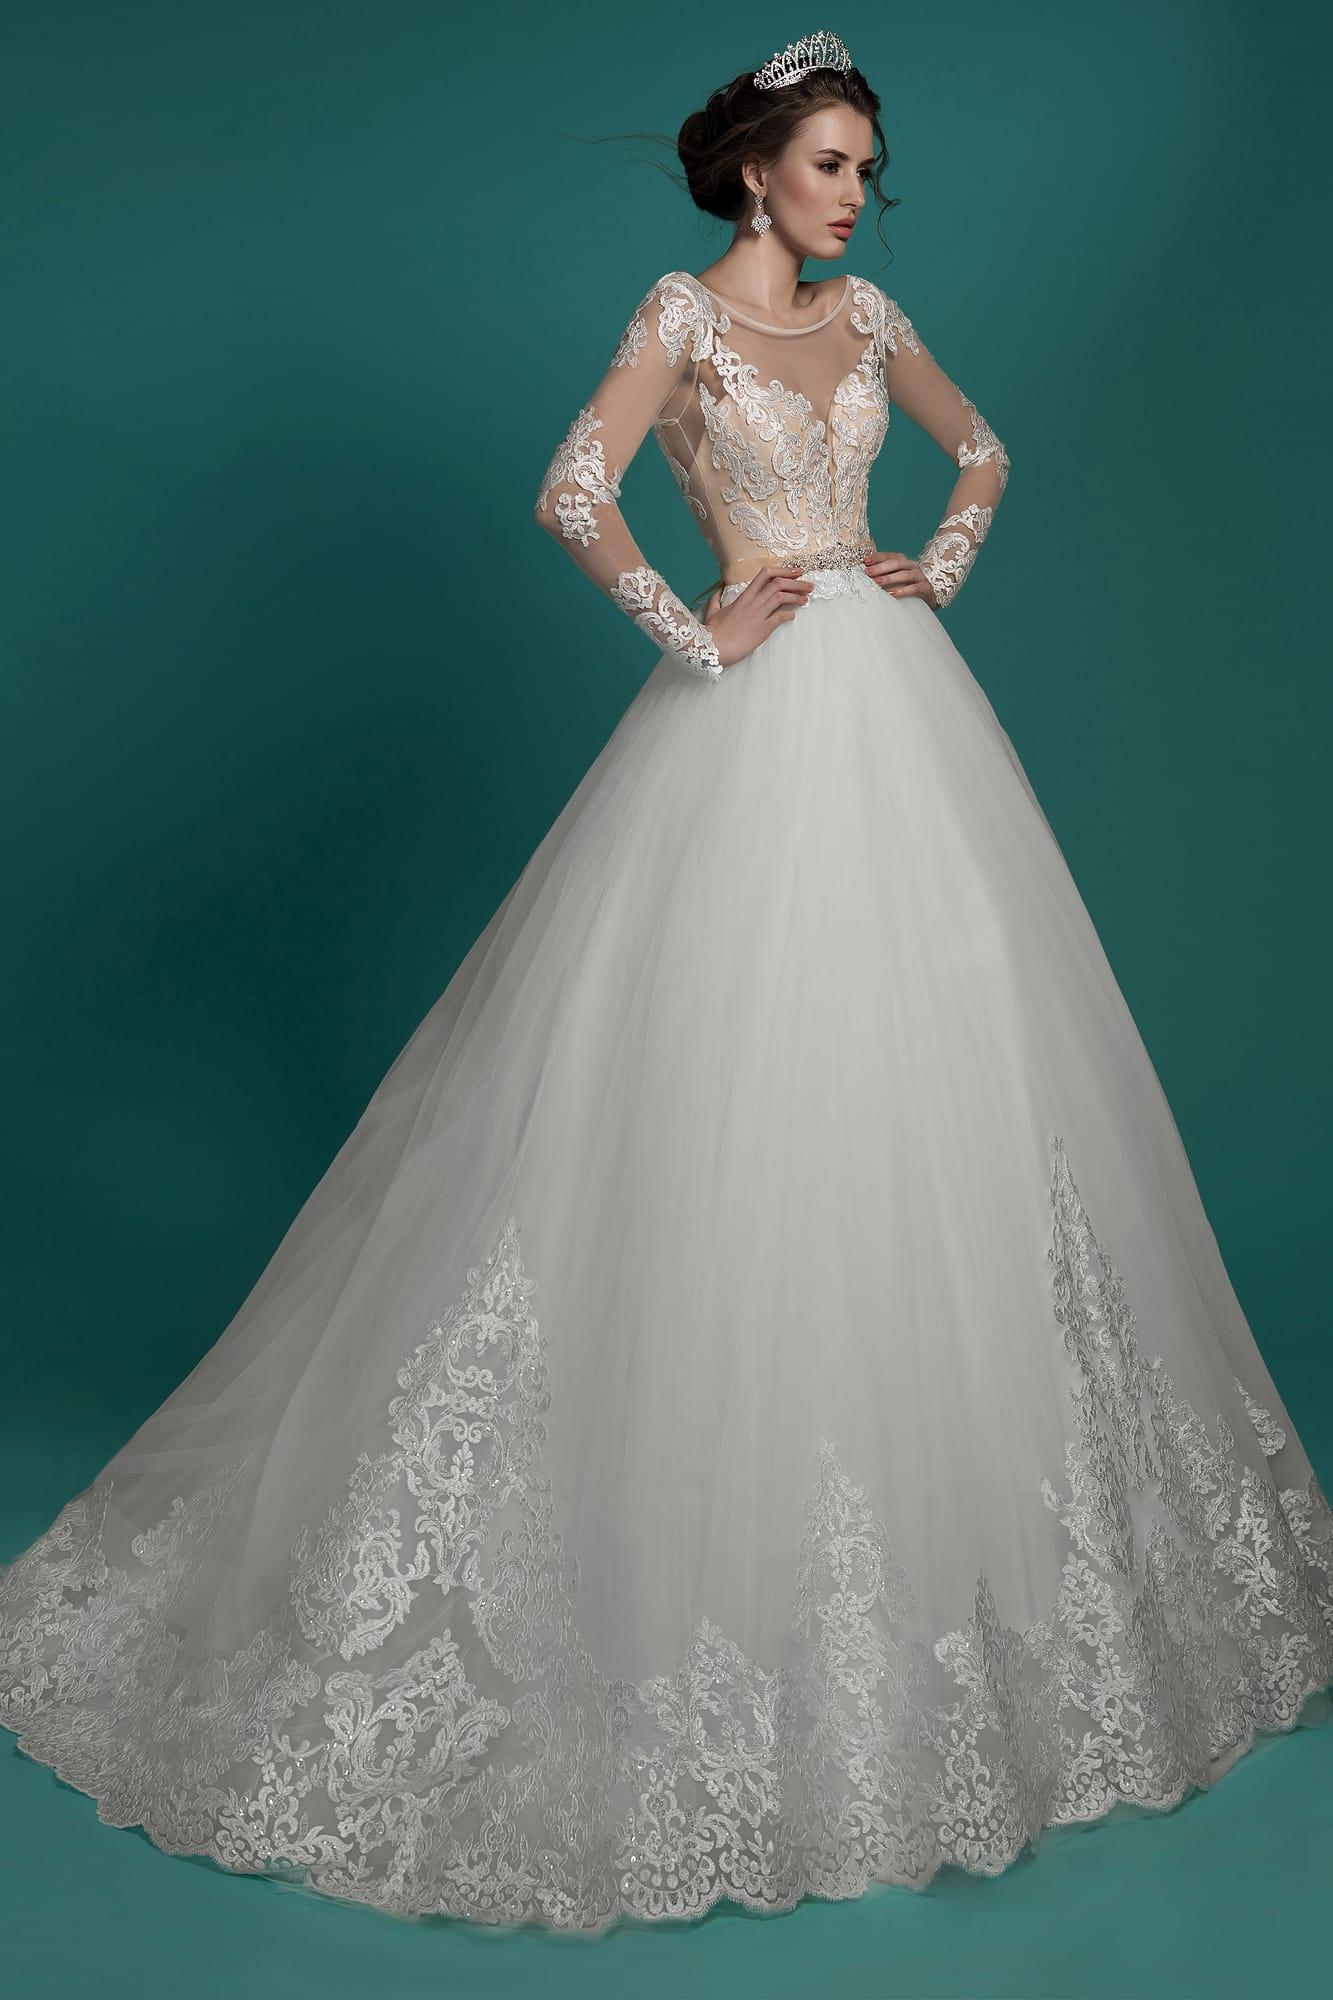 d2acabff9 Торжественное свадебное платье с роскошной юбкой и полупрозрачными  кружевными рукавами.